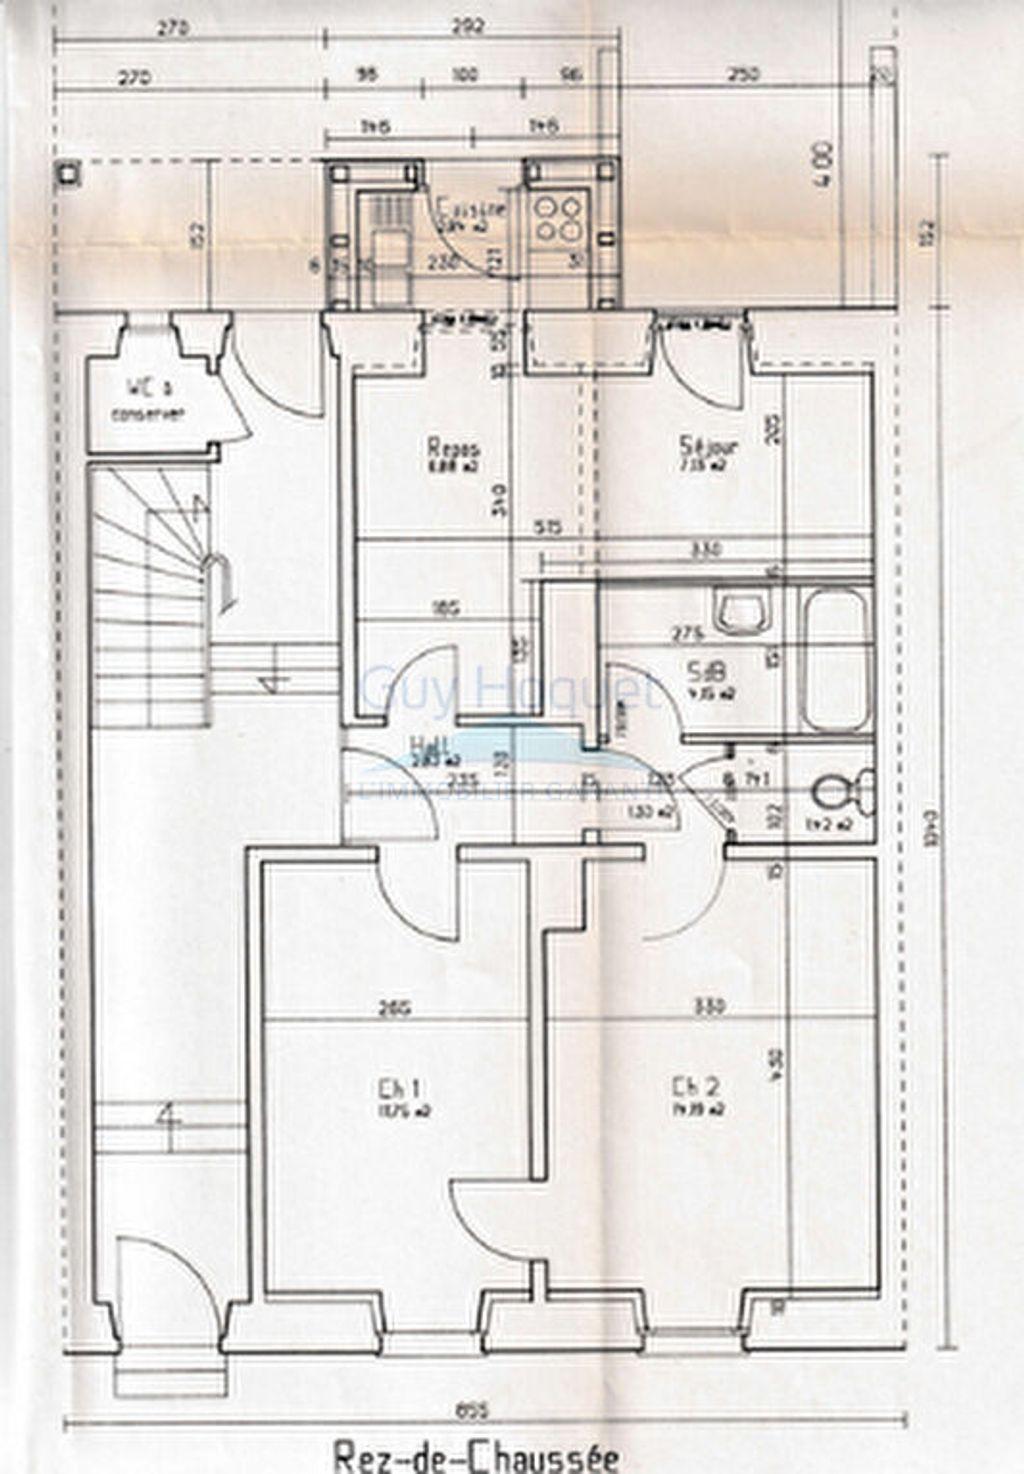 Achat appartement 3pièces 52m² - Mulhouse